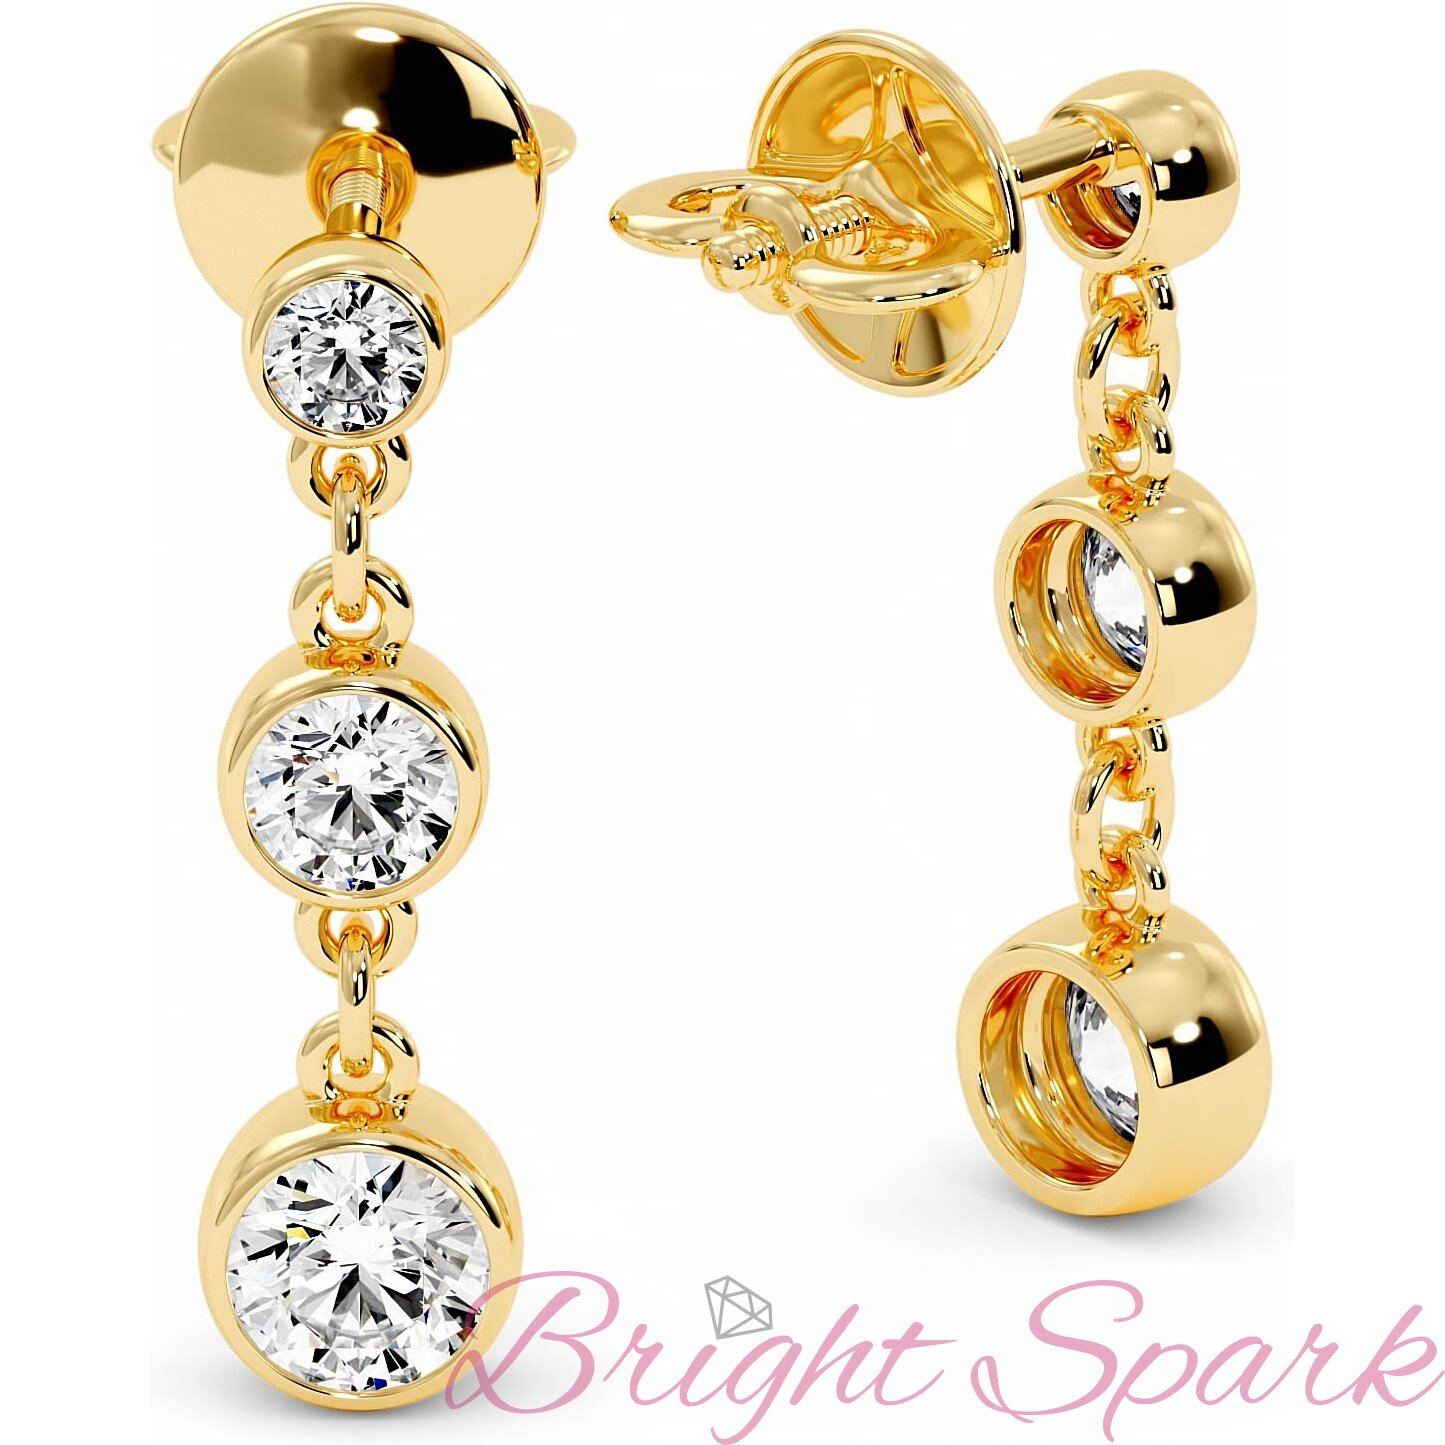 Висячие серьги желтого золота с камнями в глухой оправе Bonny 1,7 карата